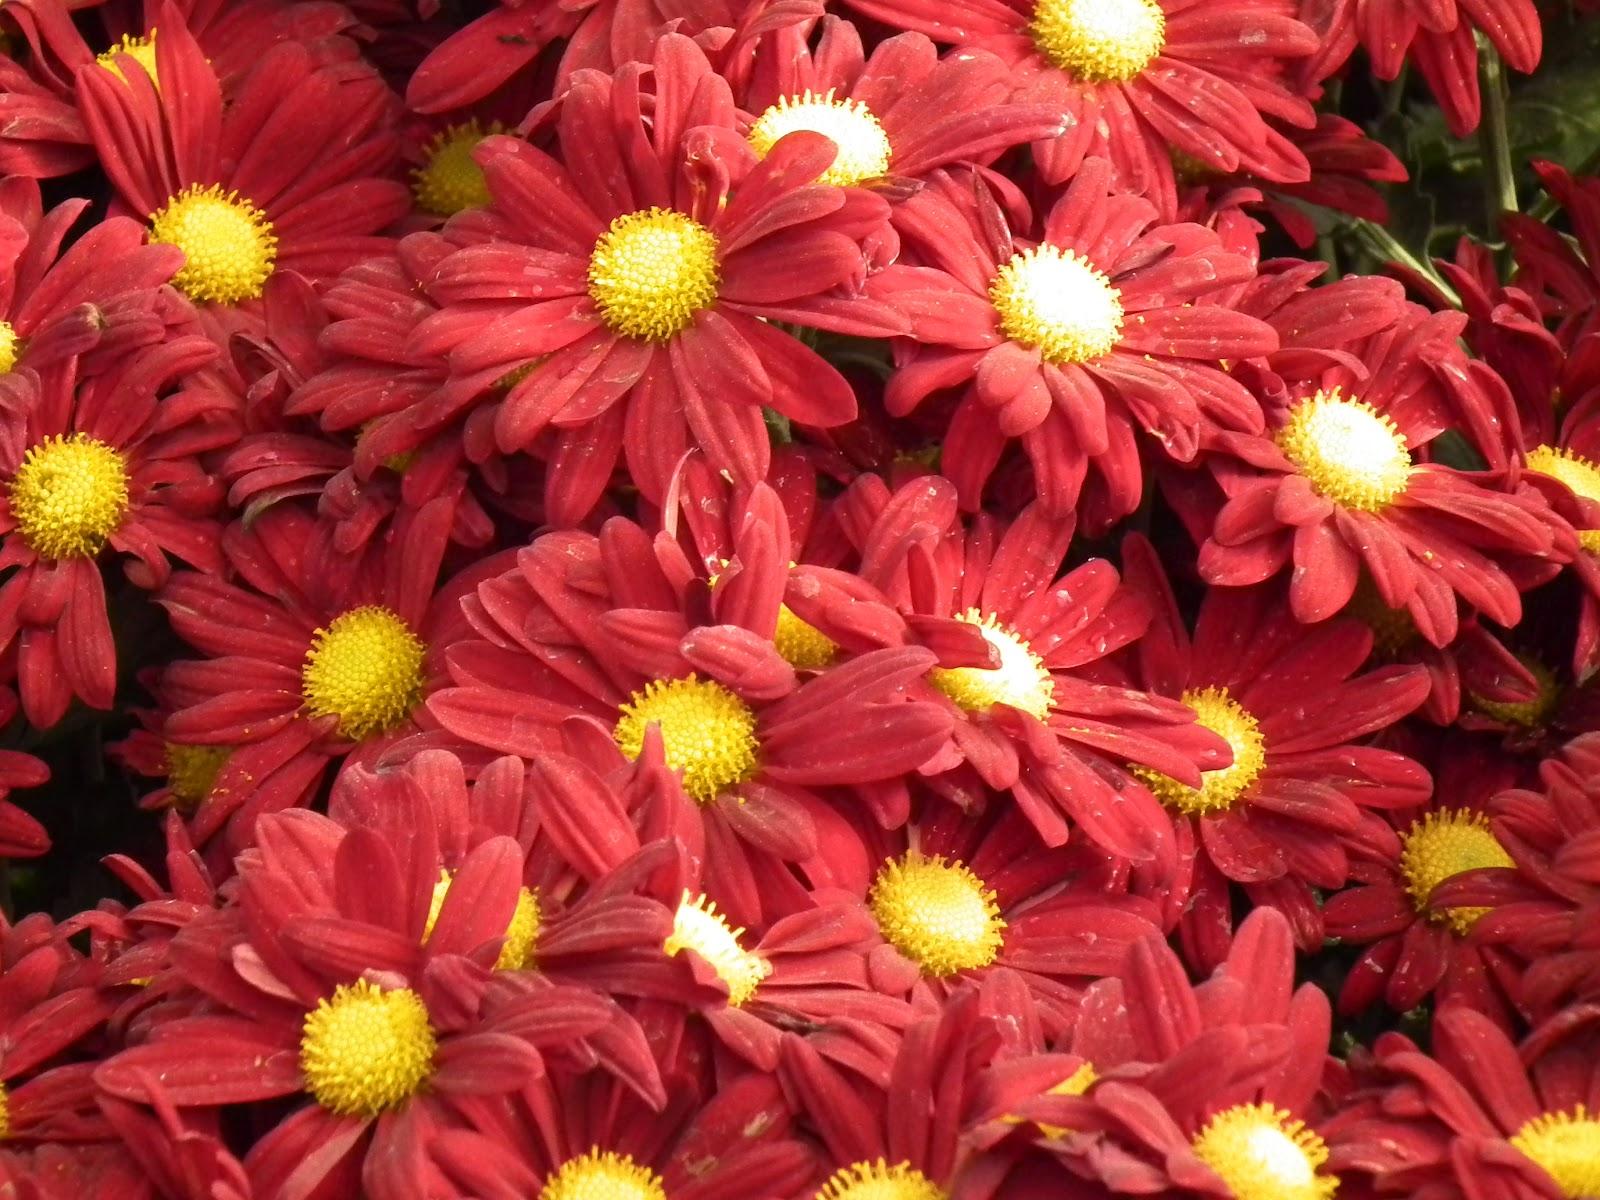 Landscapexperts Flower Of The Week November 2012